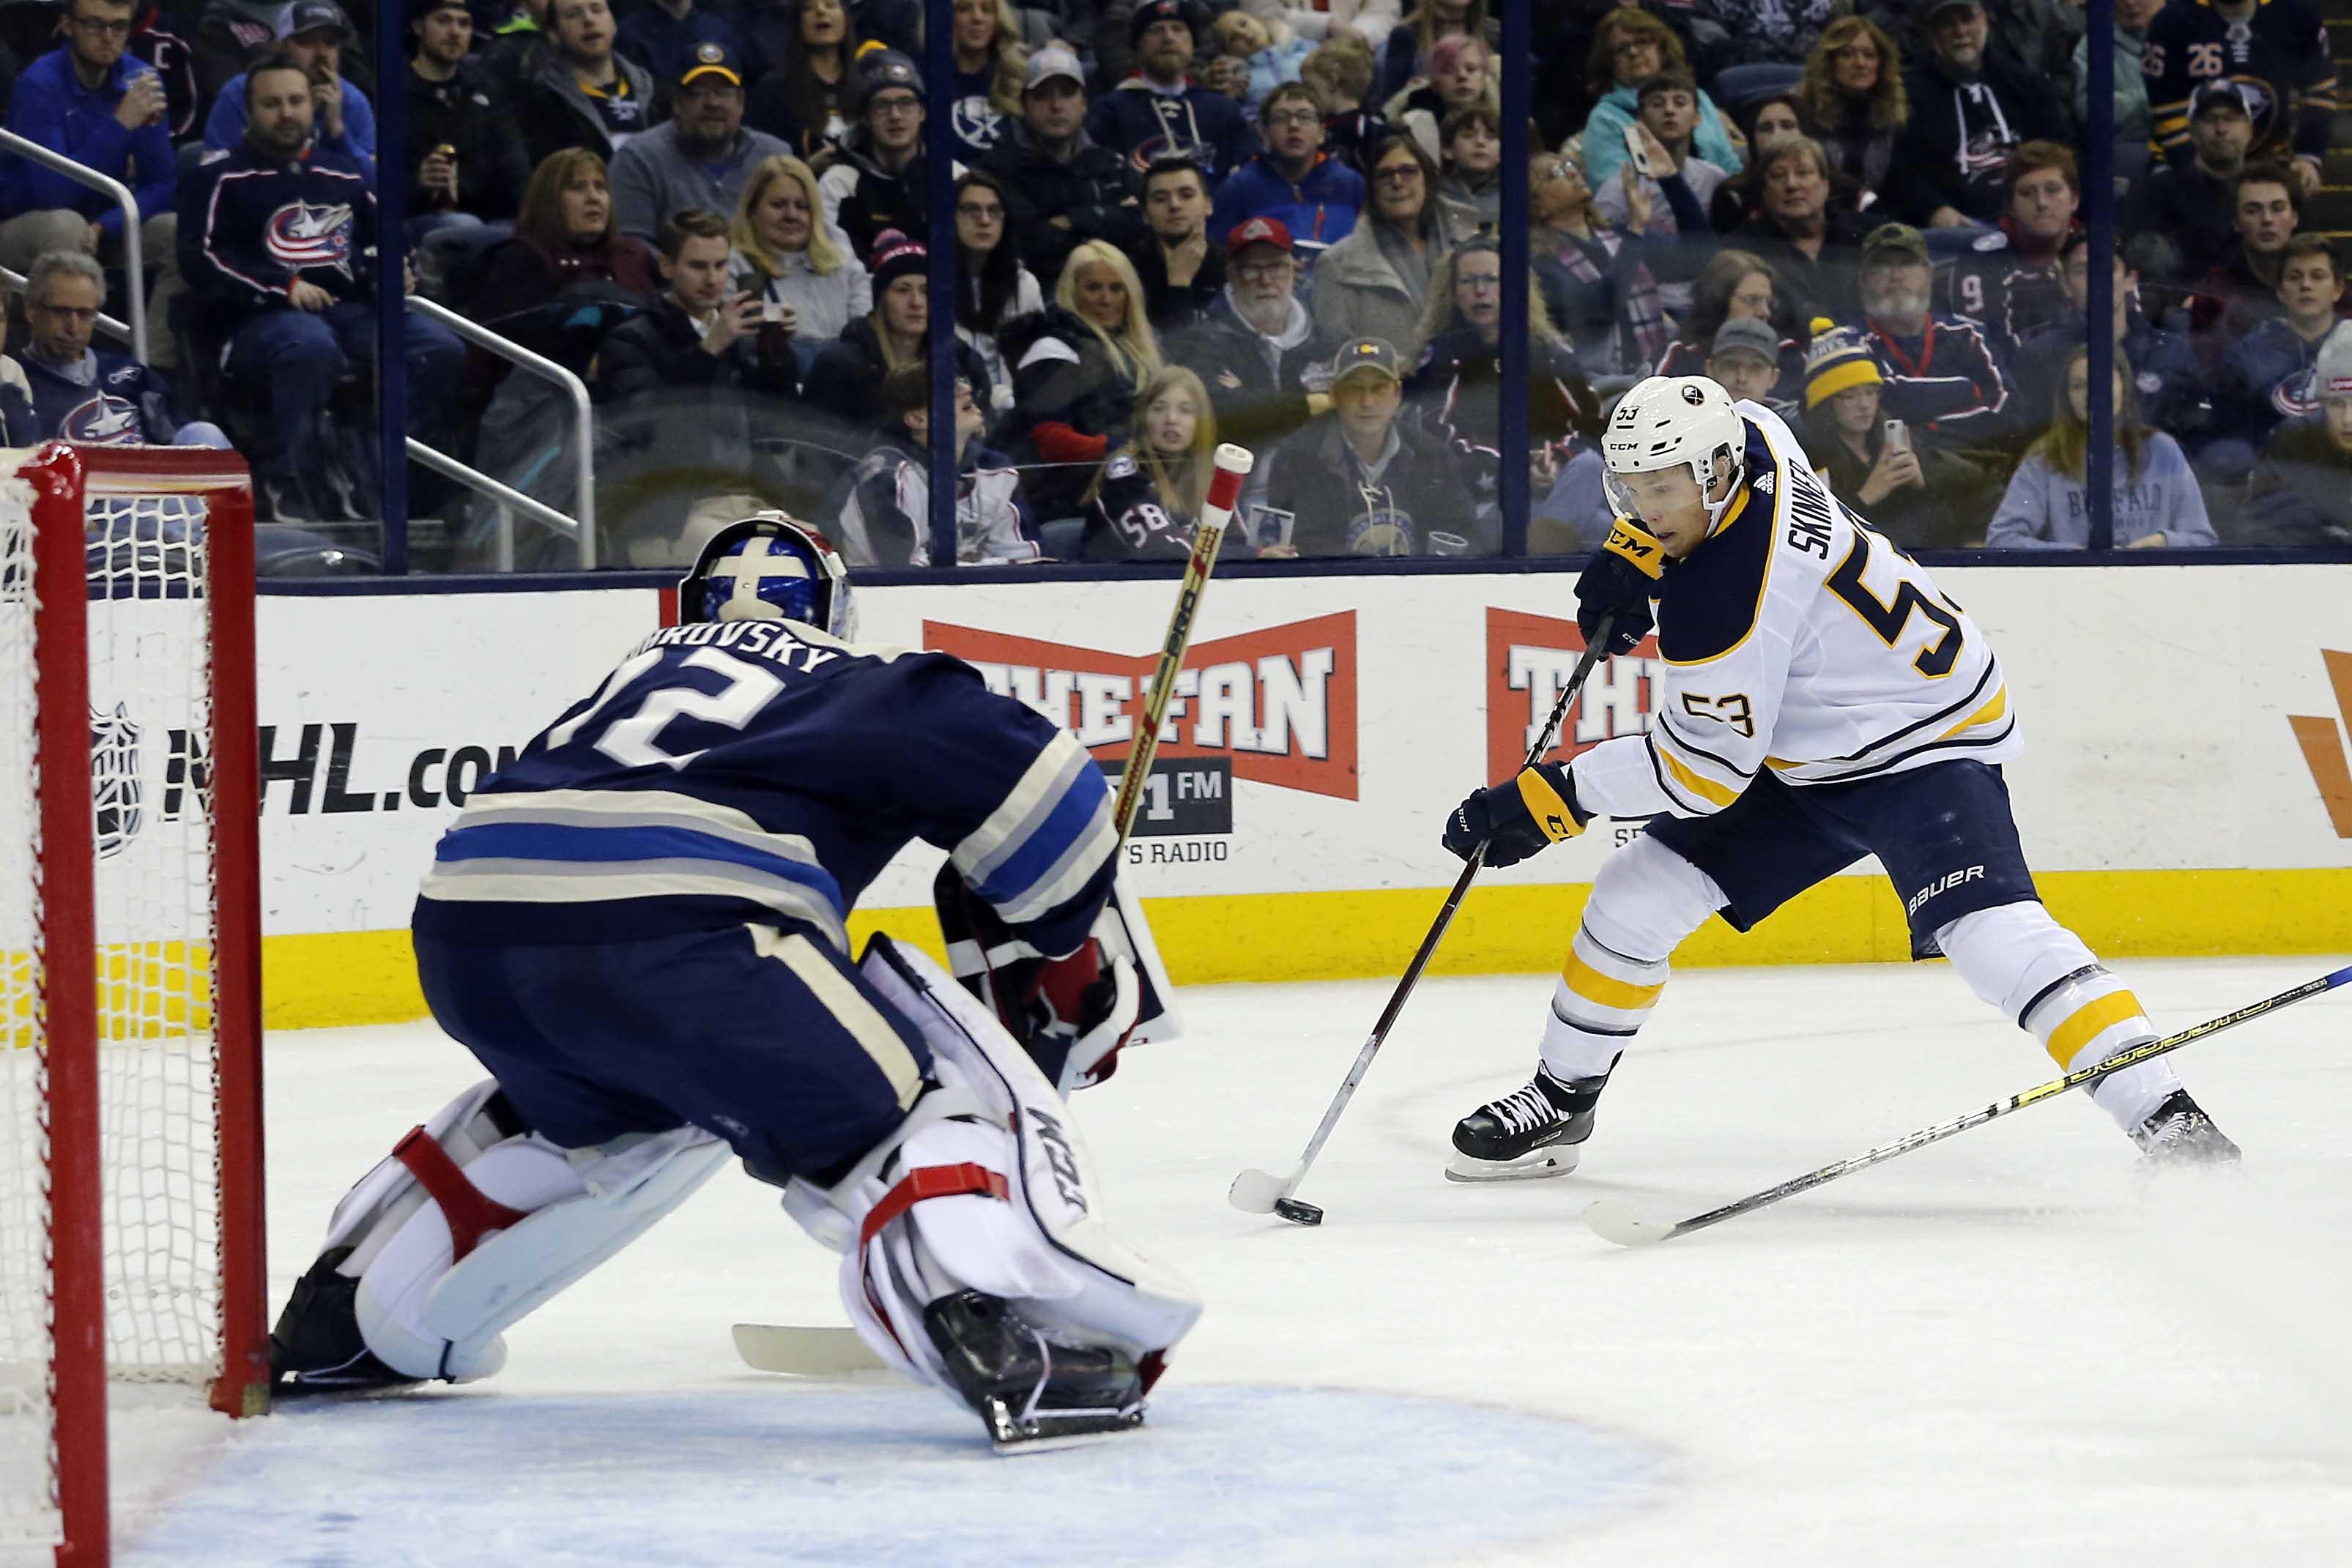 Watch: Sabres' Jeff Skinner's Breakaway Goal